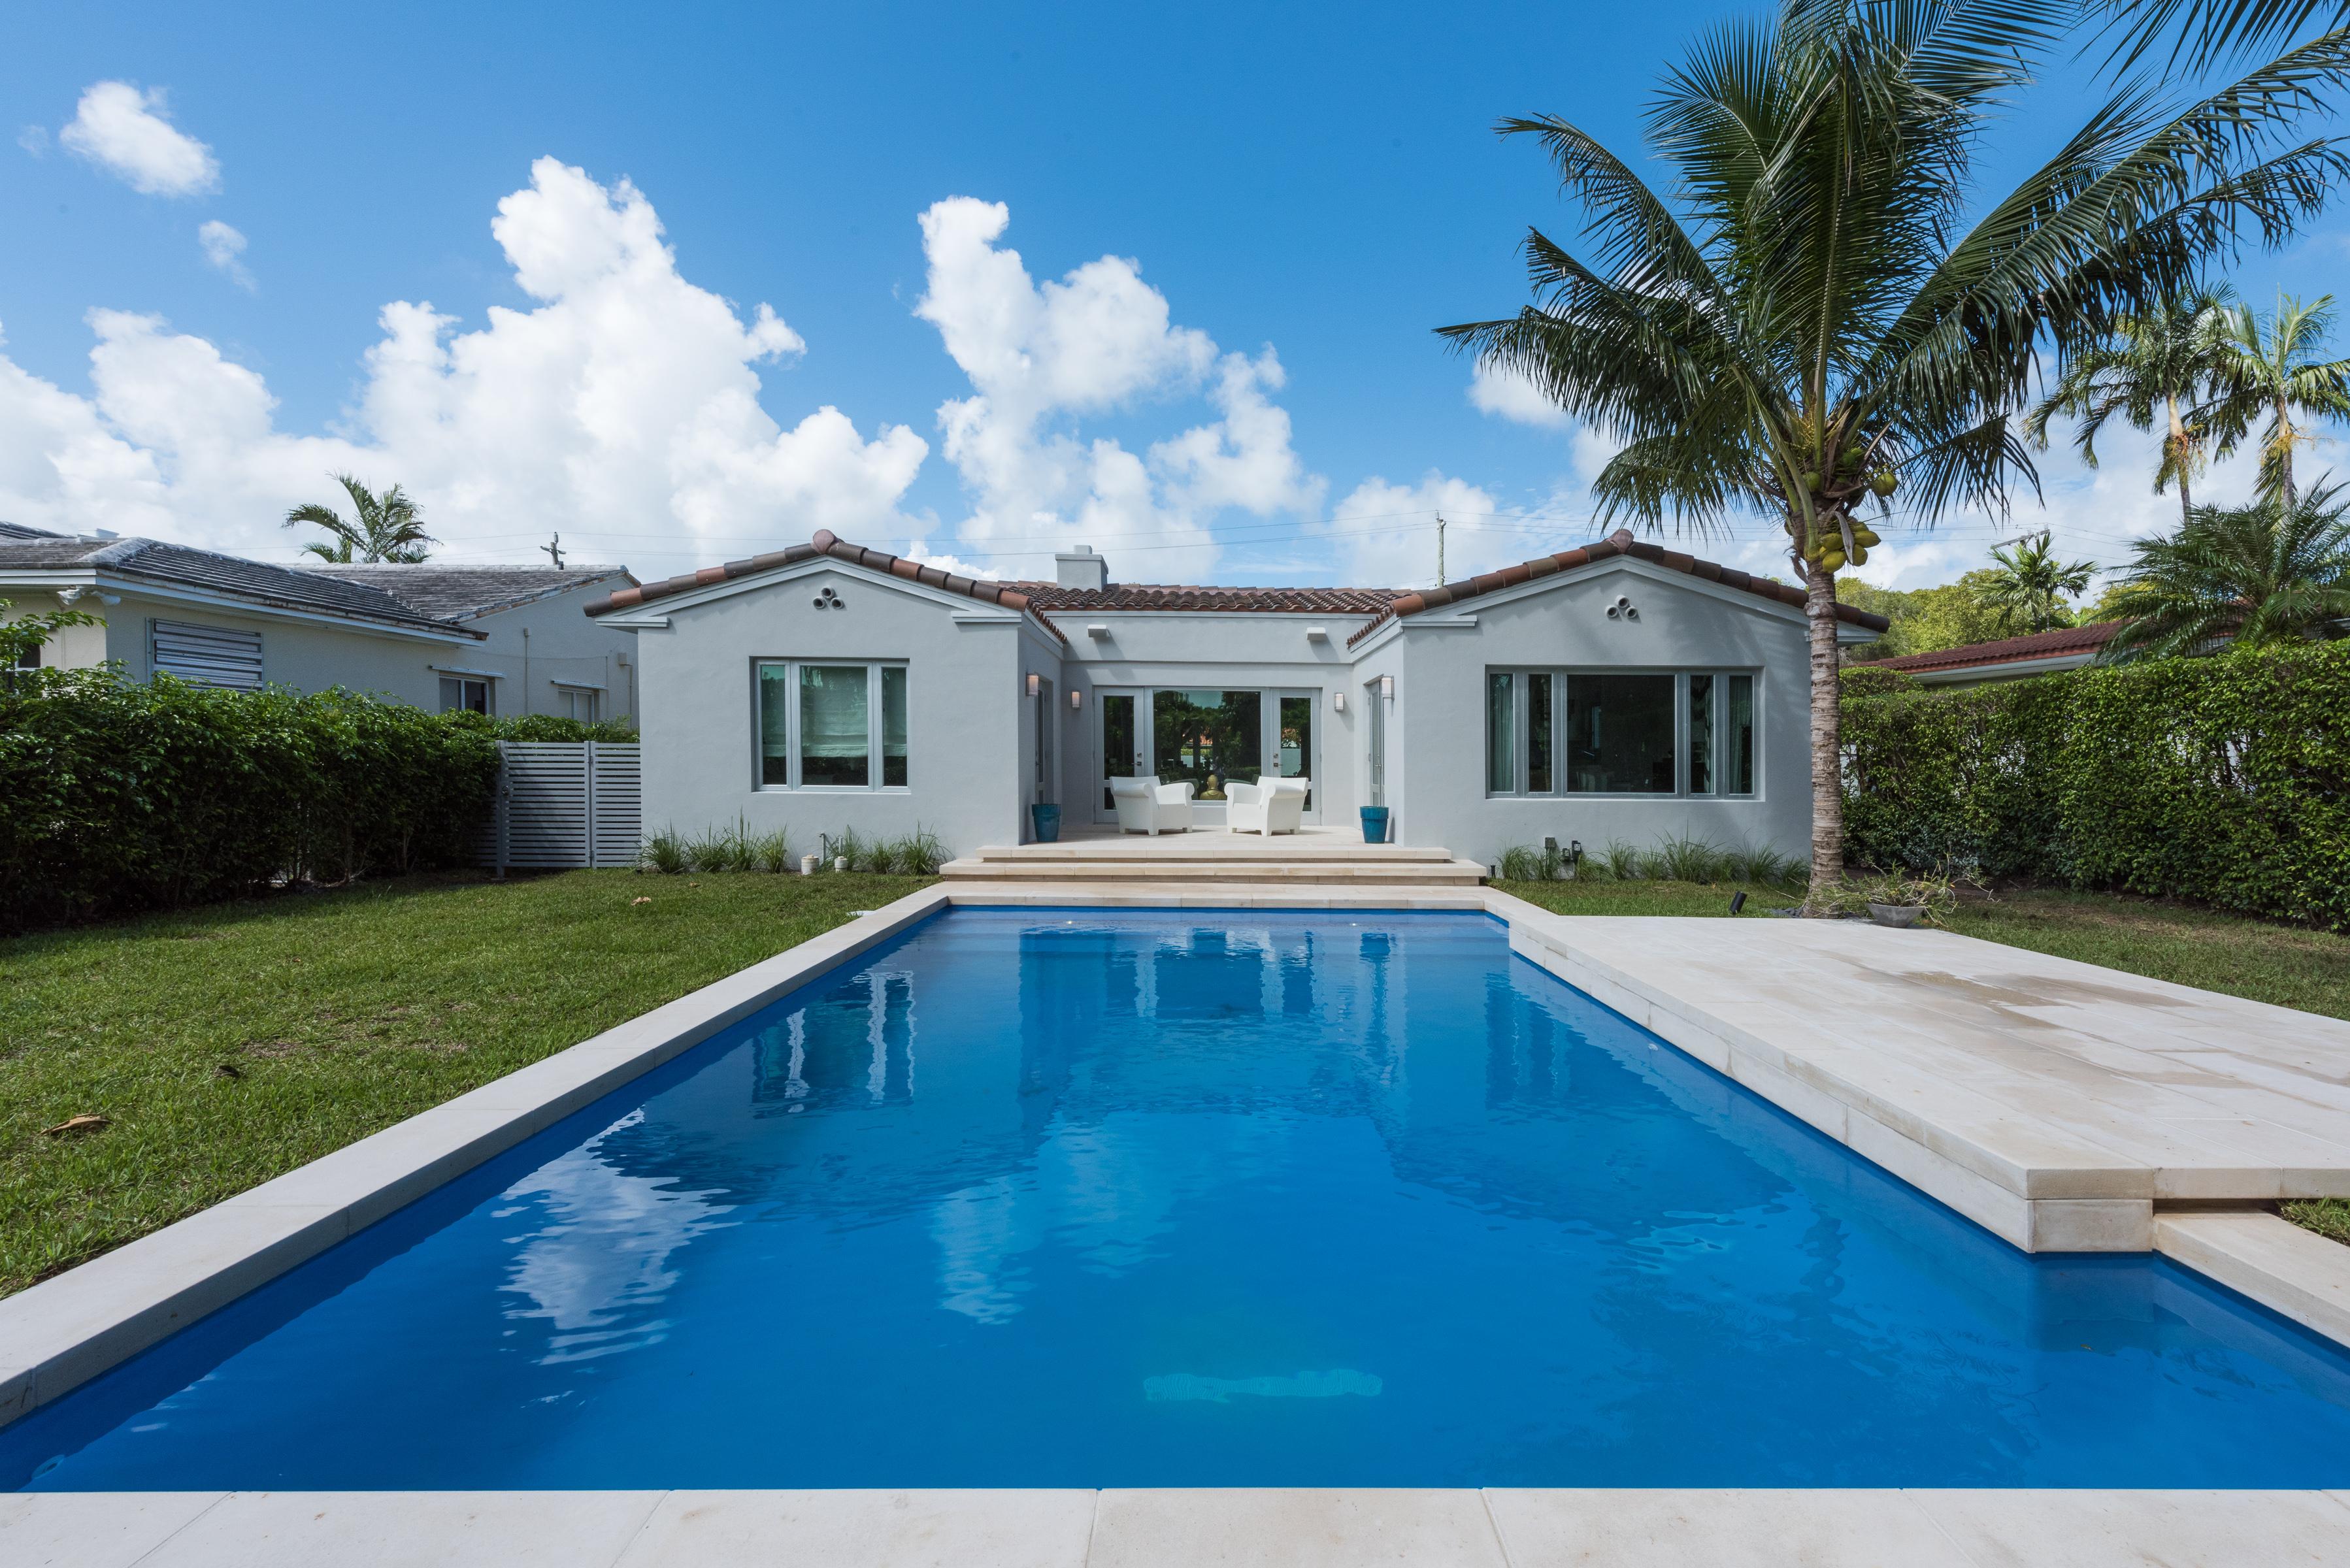 Casa para uma família para Venda às 5327 Alton Rd Miami Beach, Florida, 33140 Estados Unidos